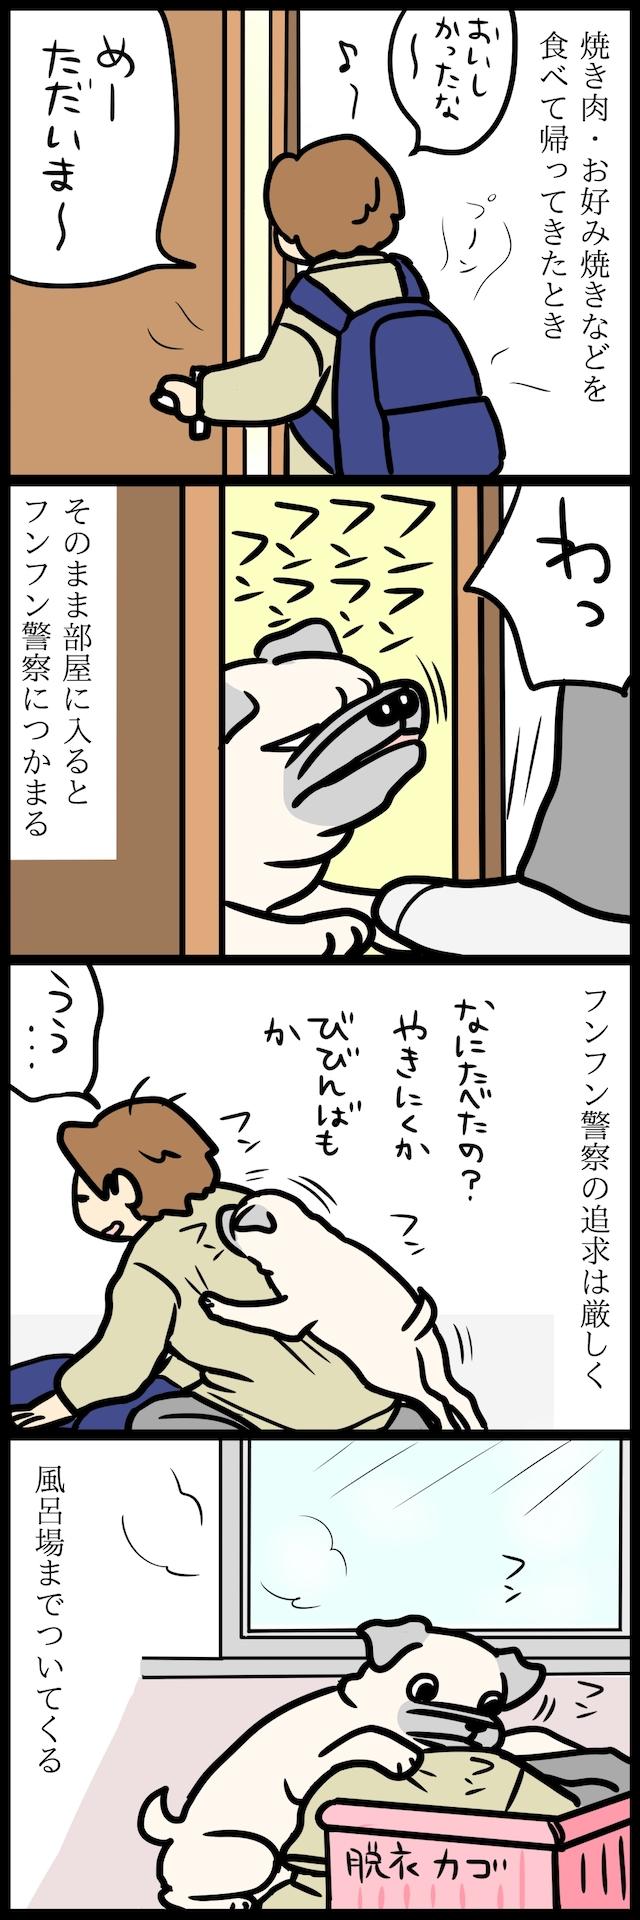 【パグ犬のいる家】めーとの生活(12)「刑事の勘だよ」